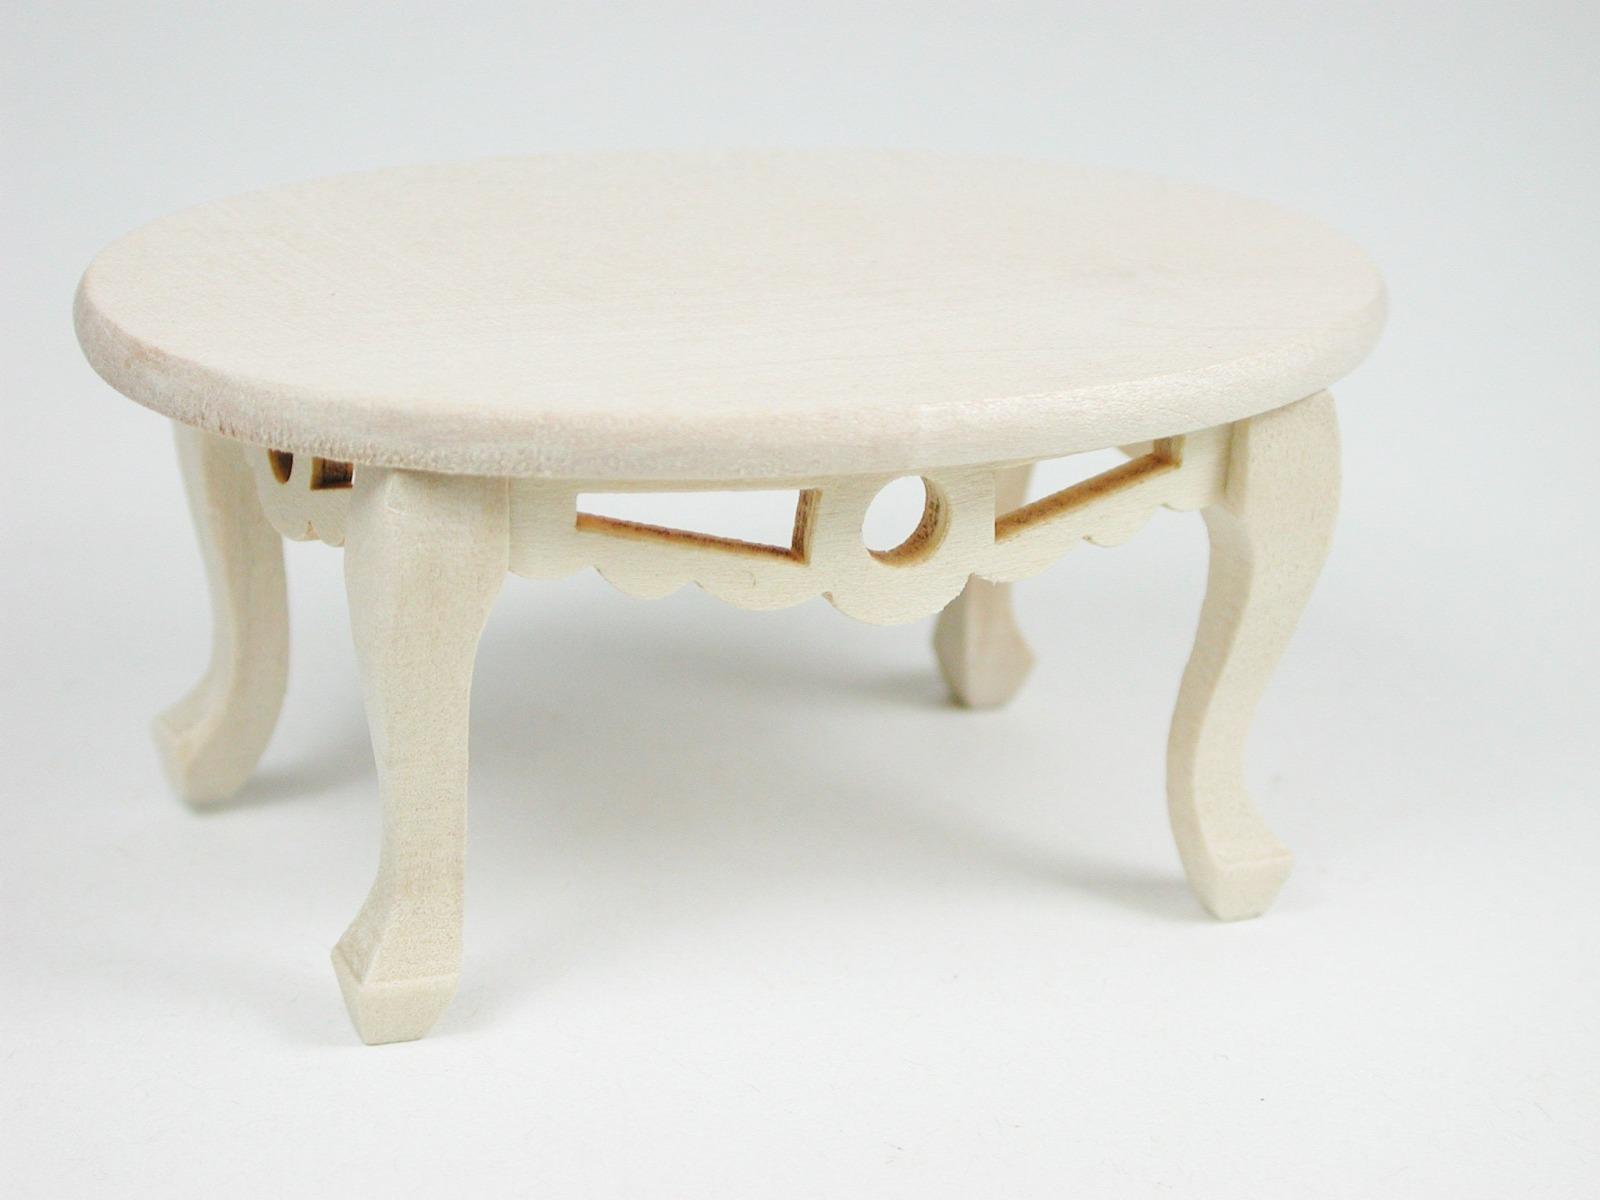 Tisch oval Couchtisch 1:12 Miniatur 4